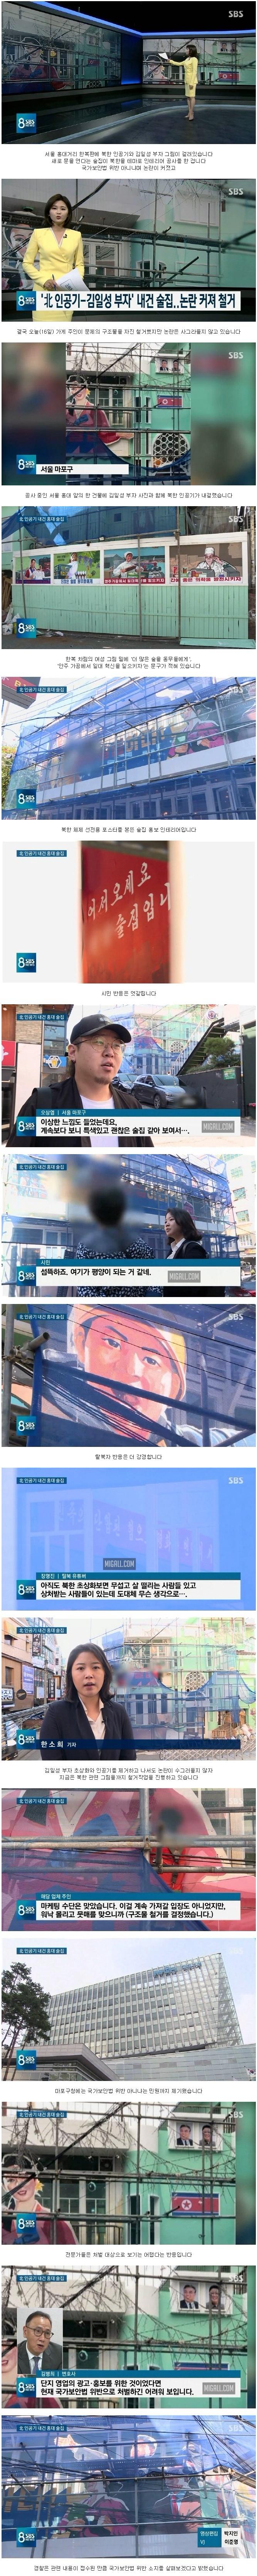 북한 김일성 부자 내건 홍대 술집 자진 철거.jpg